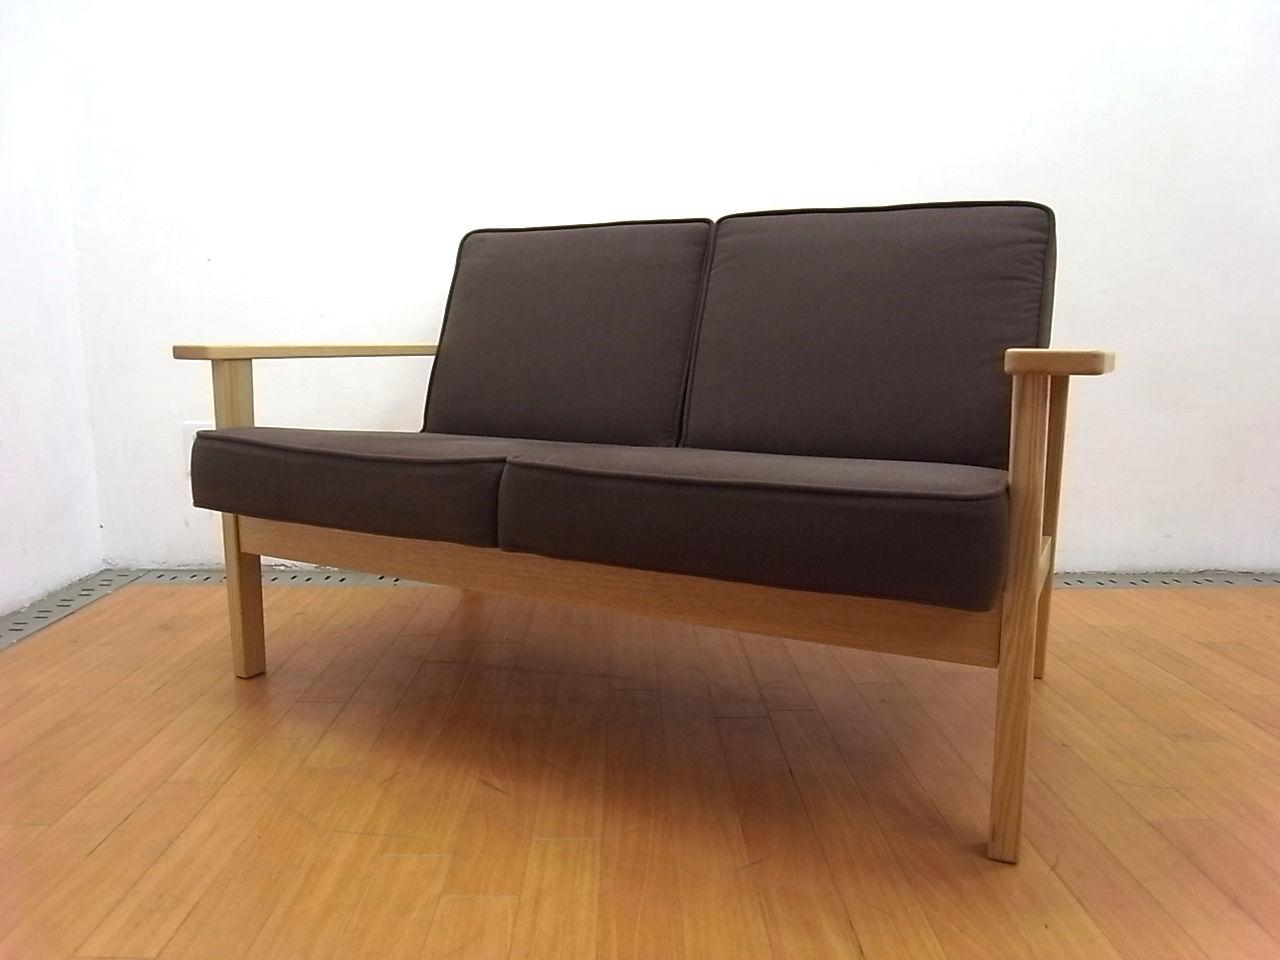 無印良品MUJIタモ材ダークブラウンダイニングテーブル80cm人気のカジュアルブランド/定番